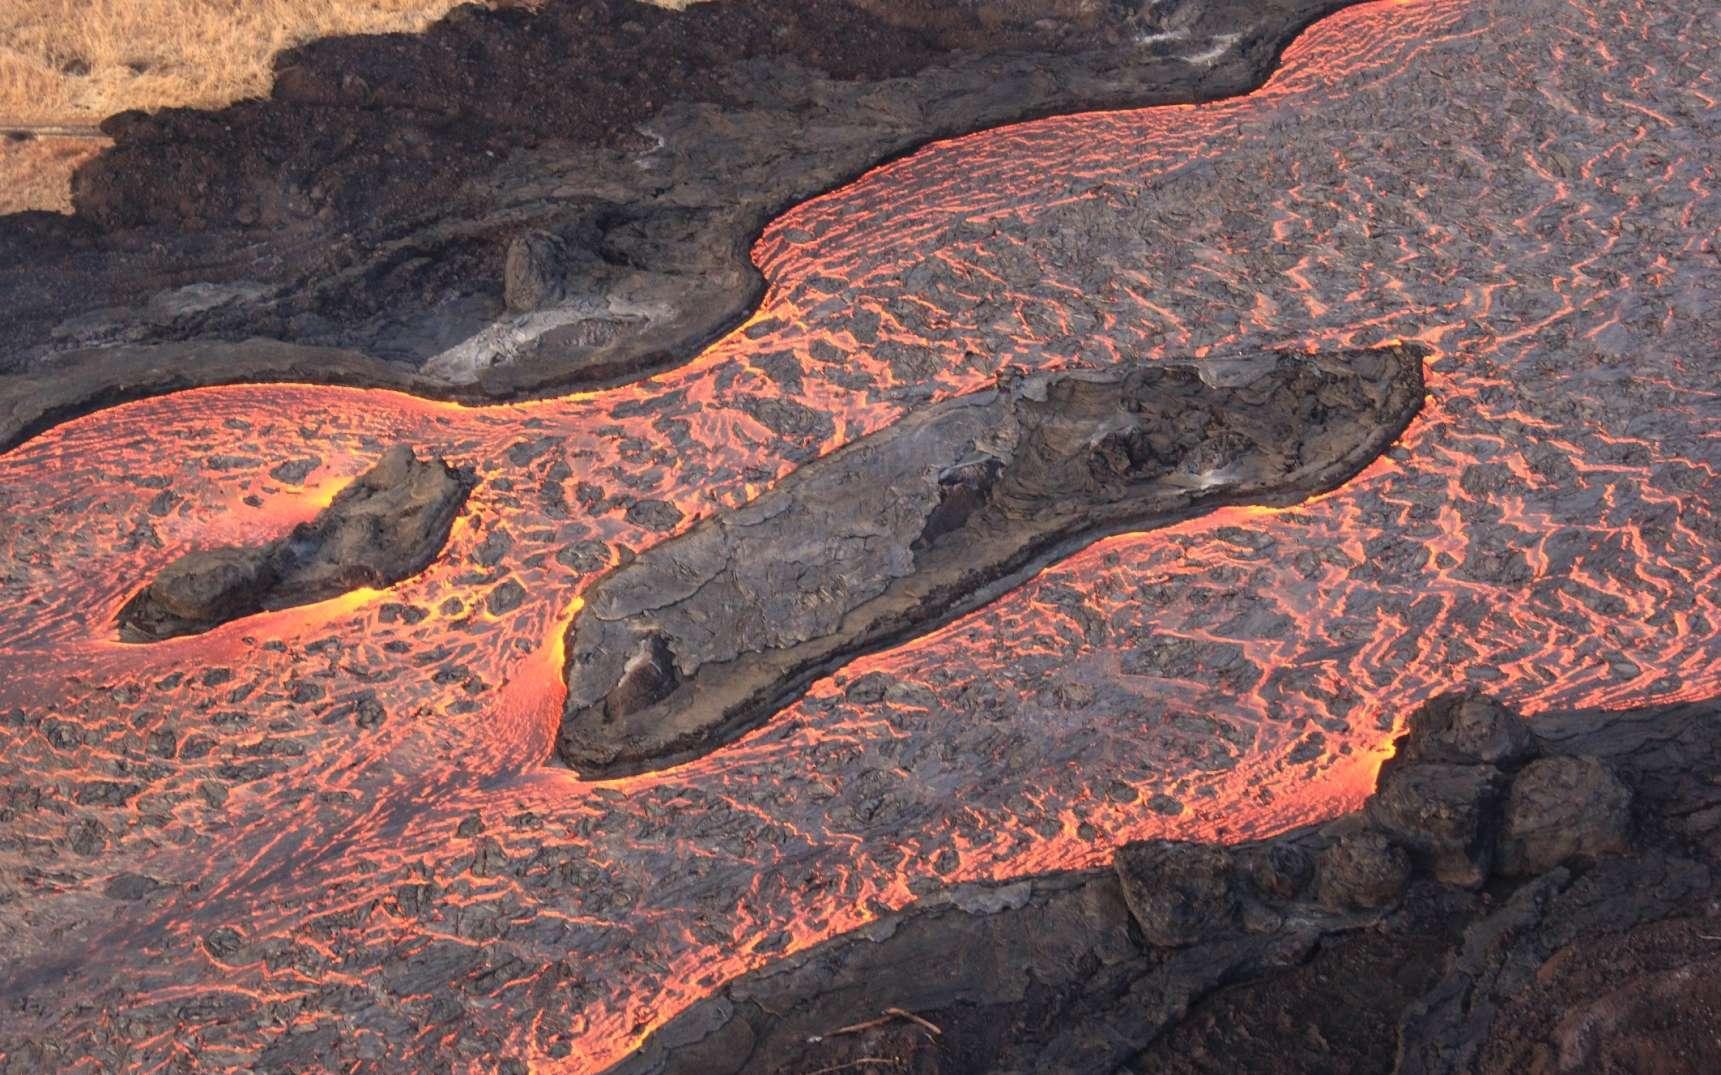 Une vue aérienne de la coulée de lave issue de la fracture huit sur le Kilauea. © USGS Hawaiian Volcano Observatory (HVO)